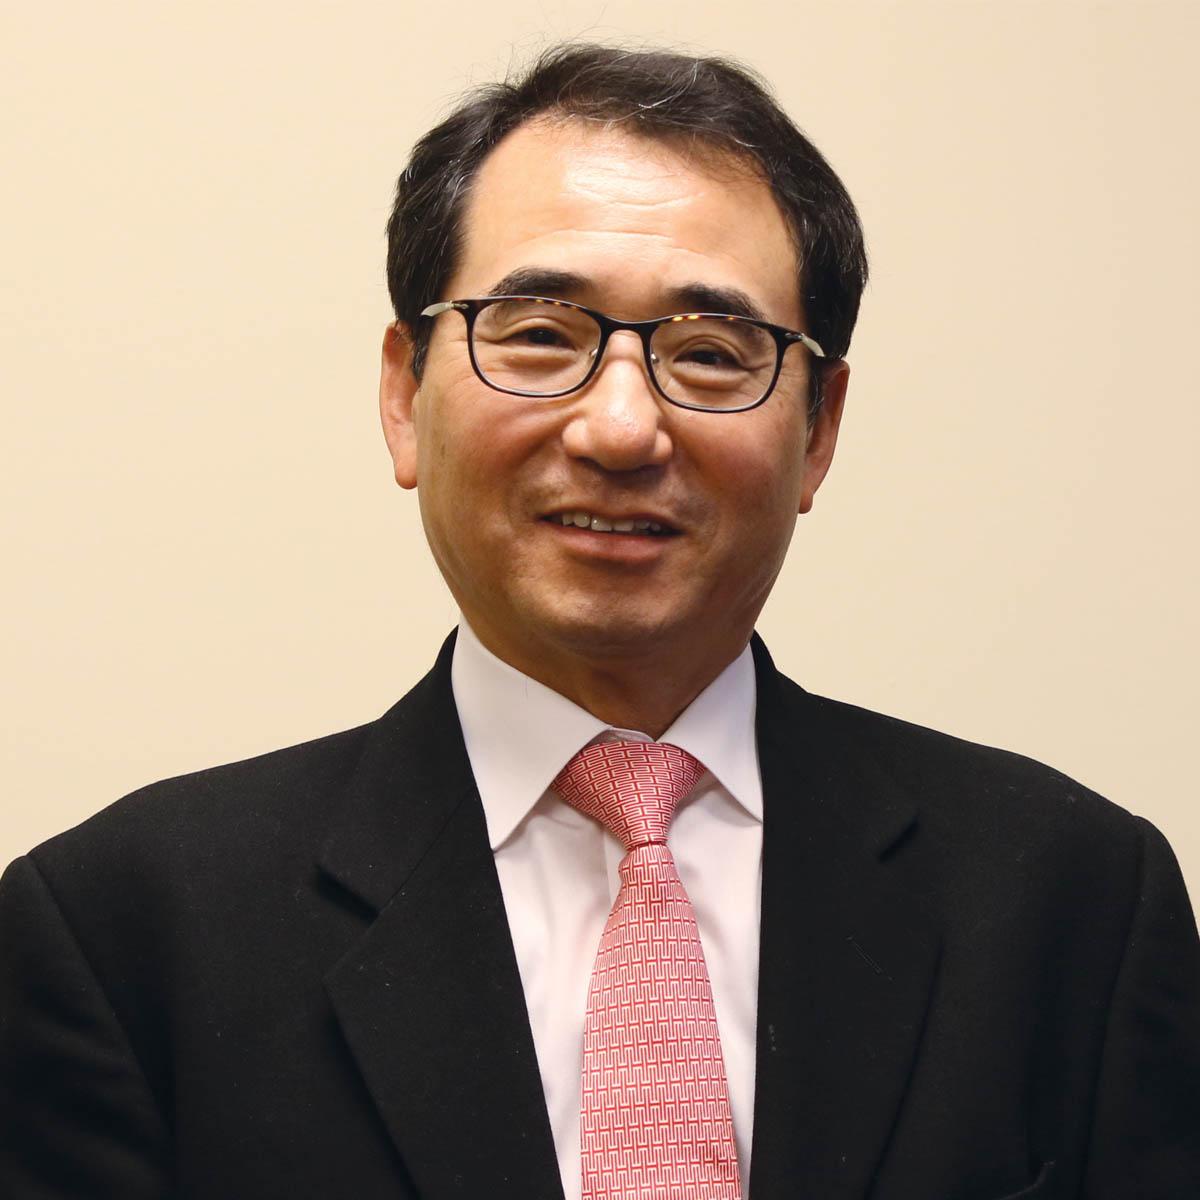 김호진 장로